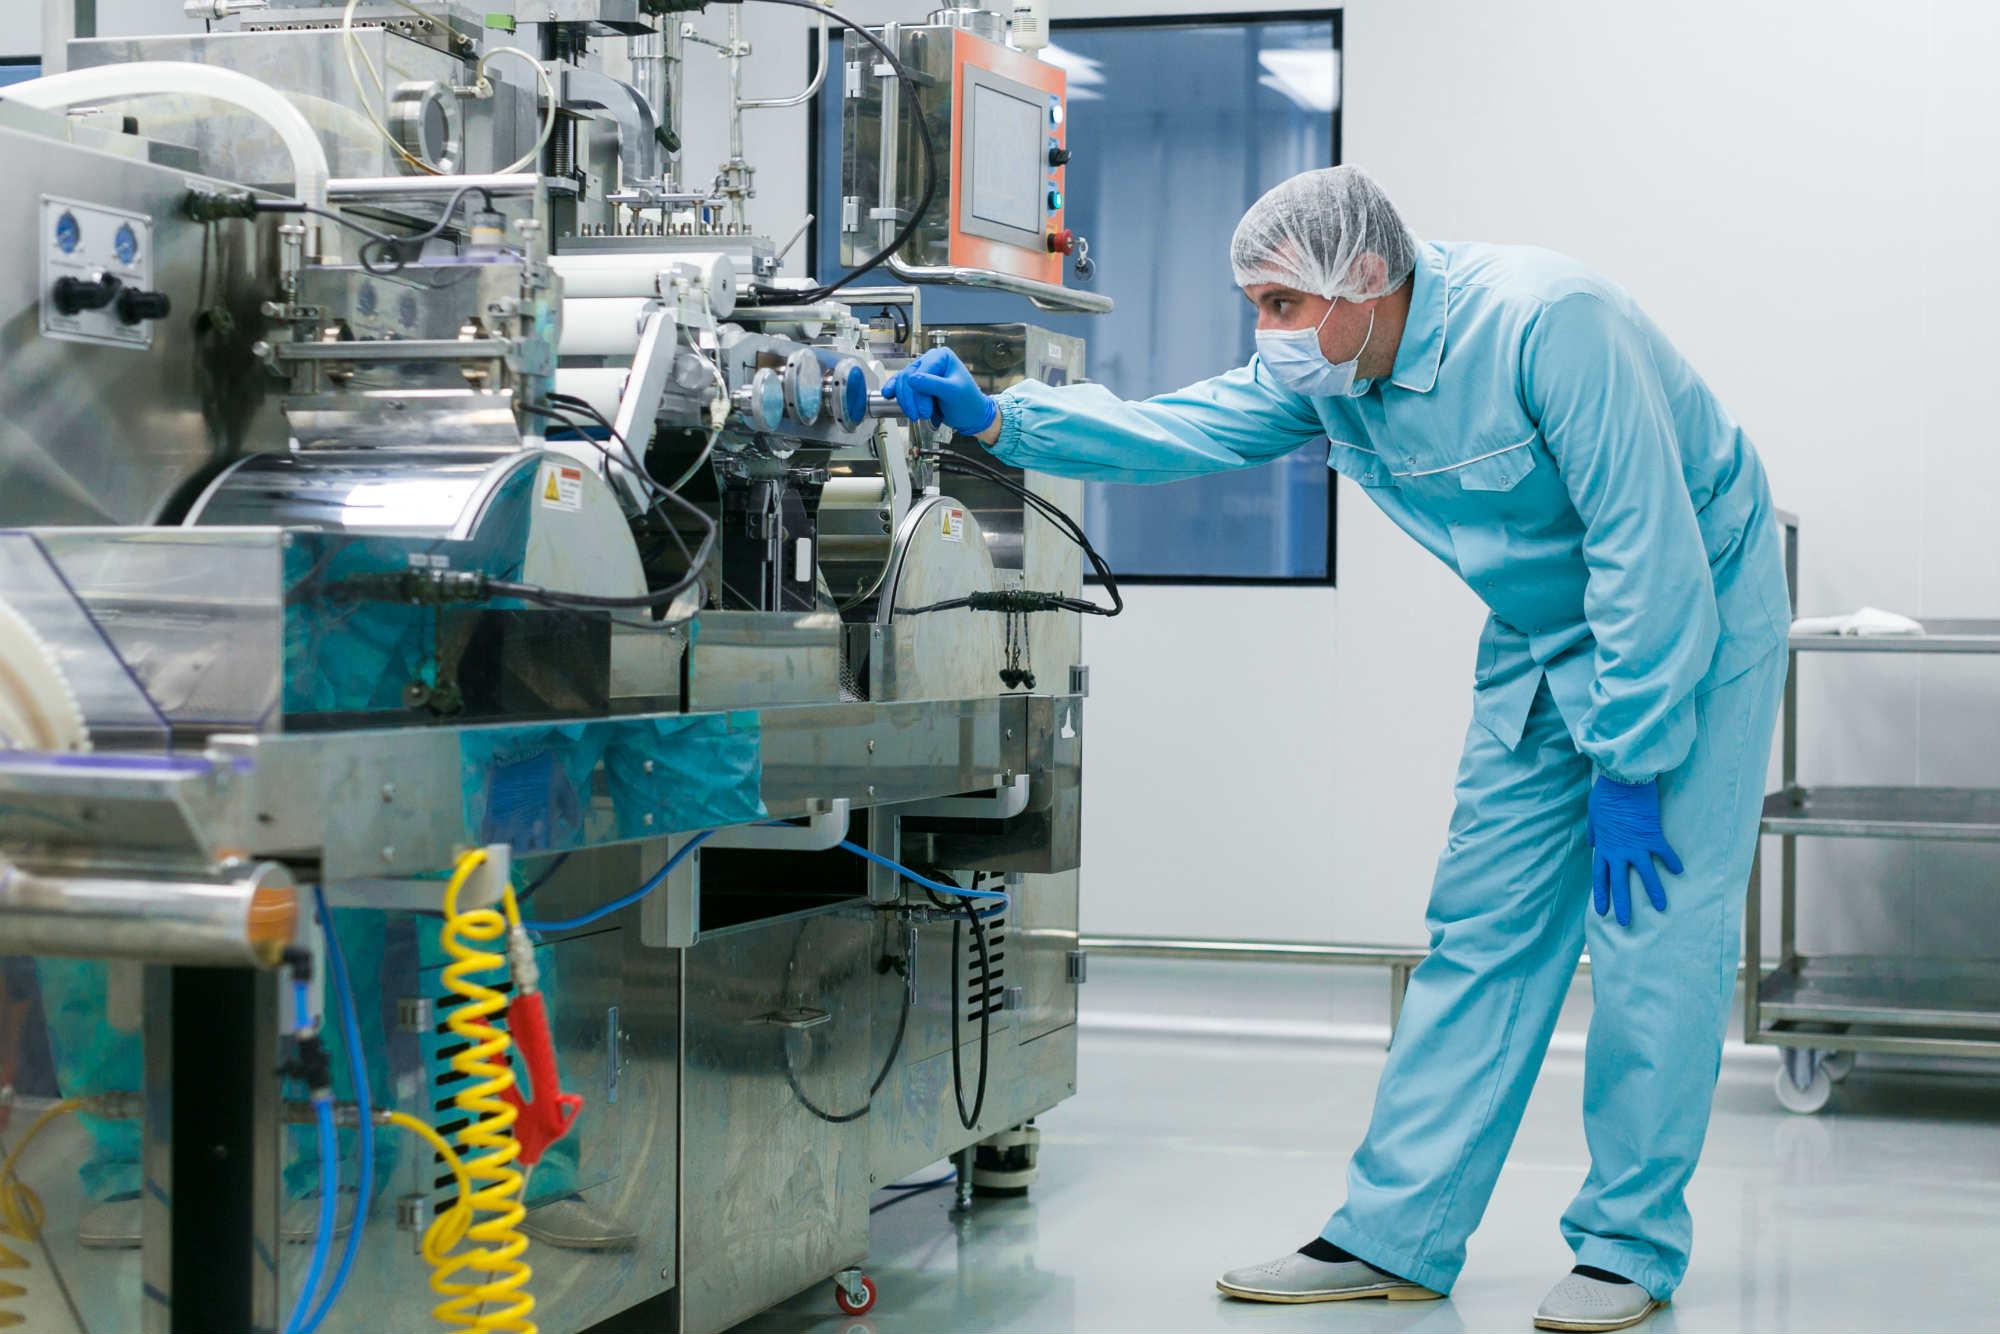 36 nouveaux jobs chaque jour dans l u0026 39 industrie alimentaire